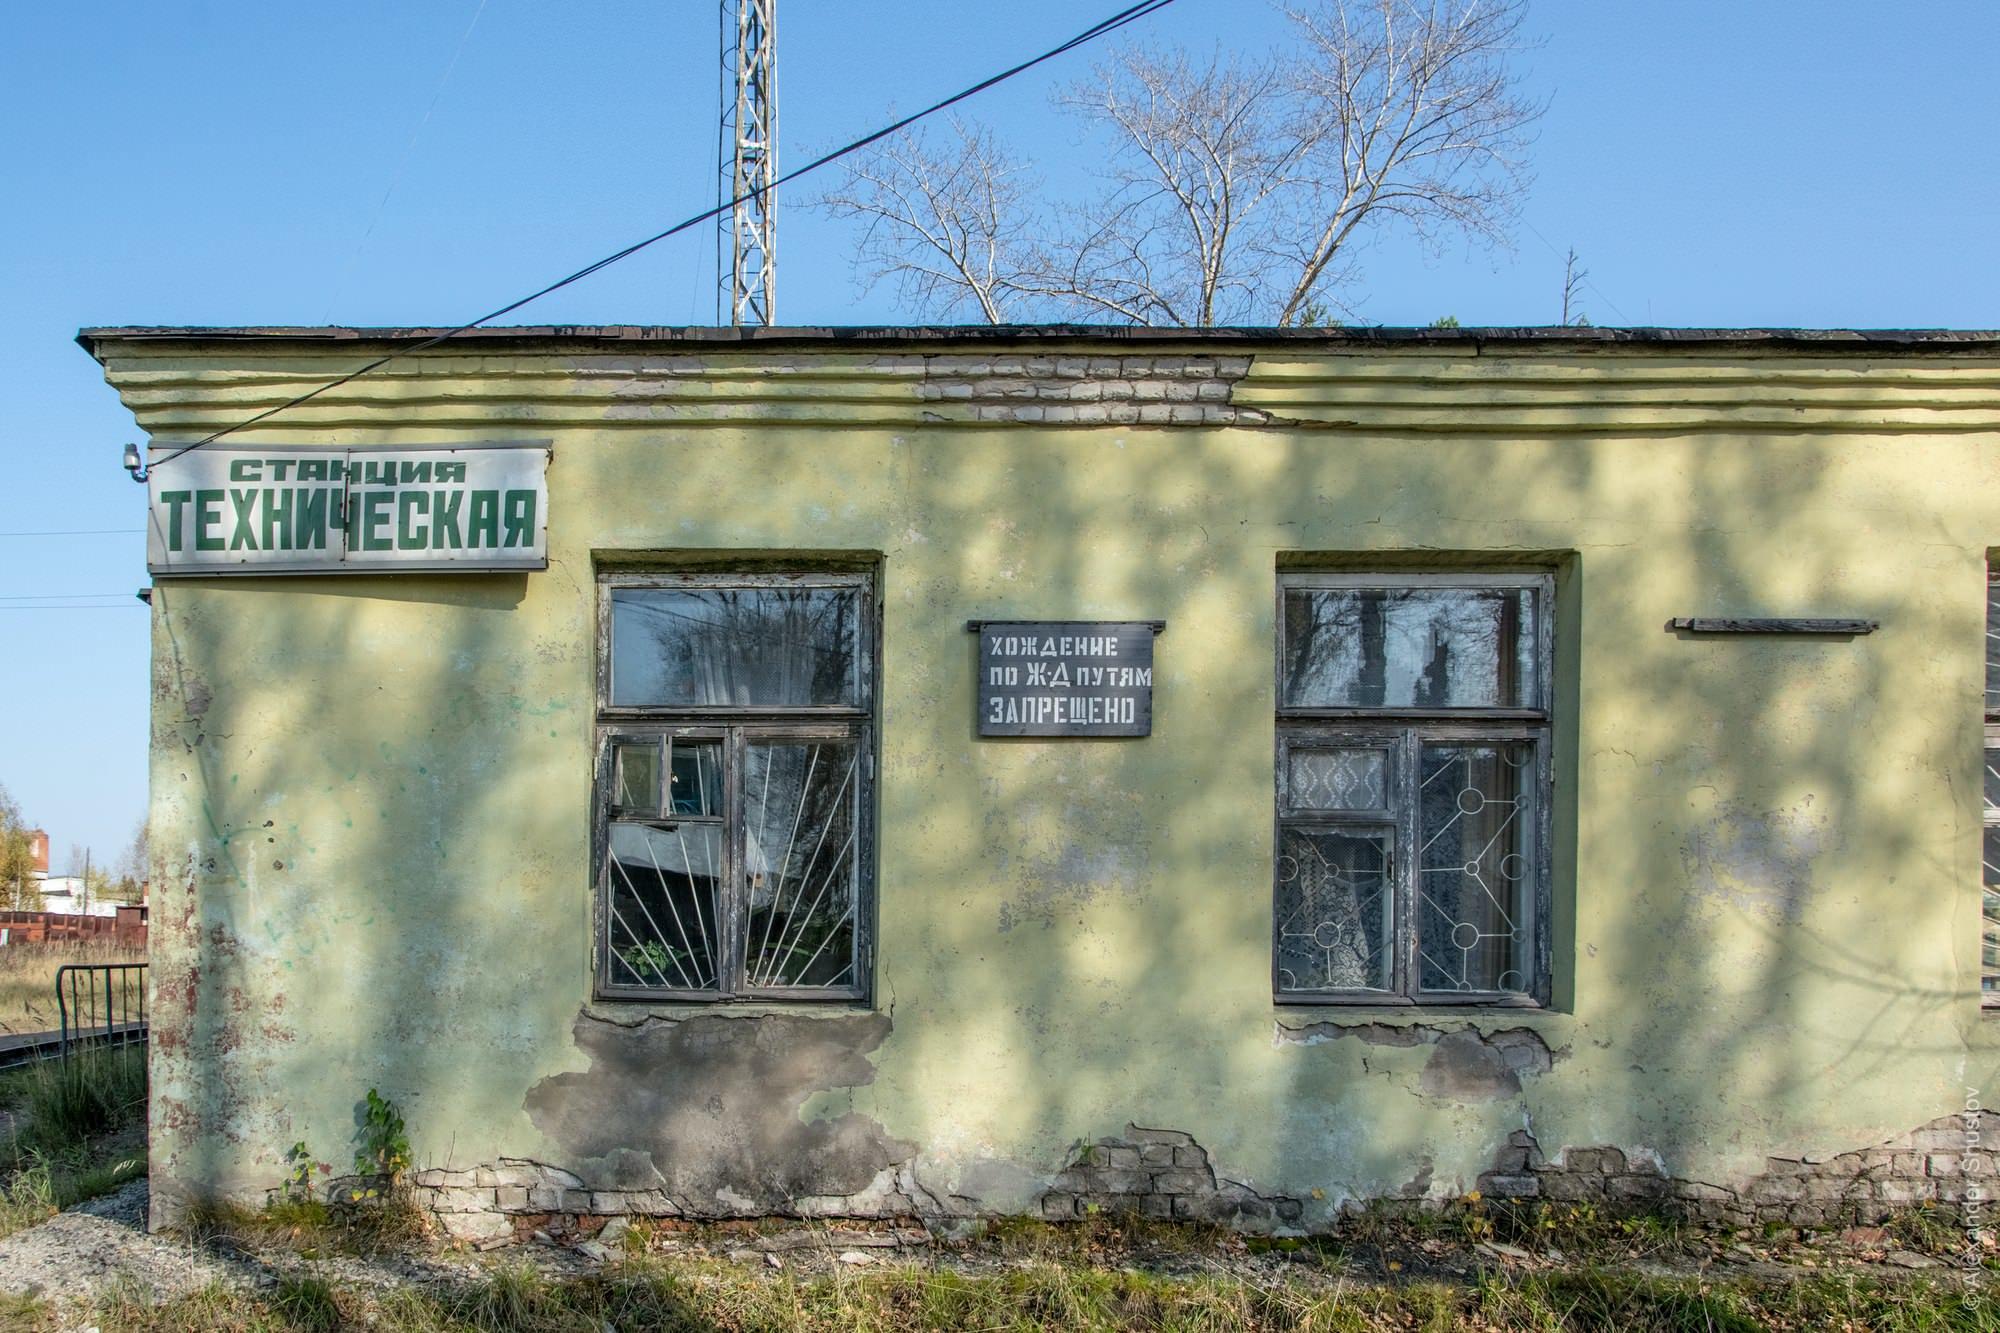 Конечная станция в Каринторфе — «Техническая»